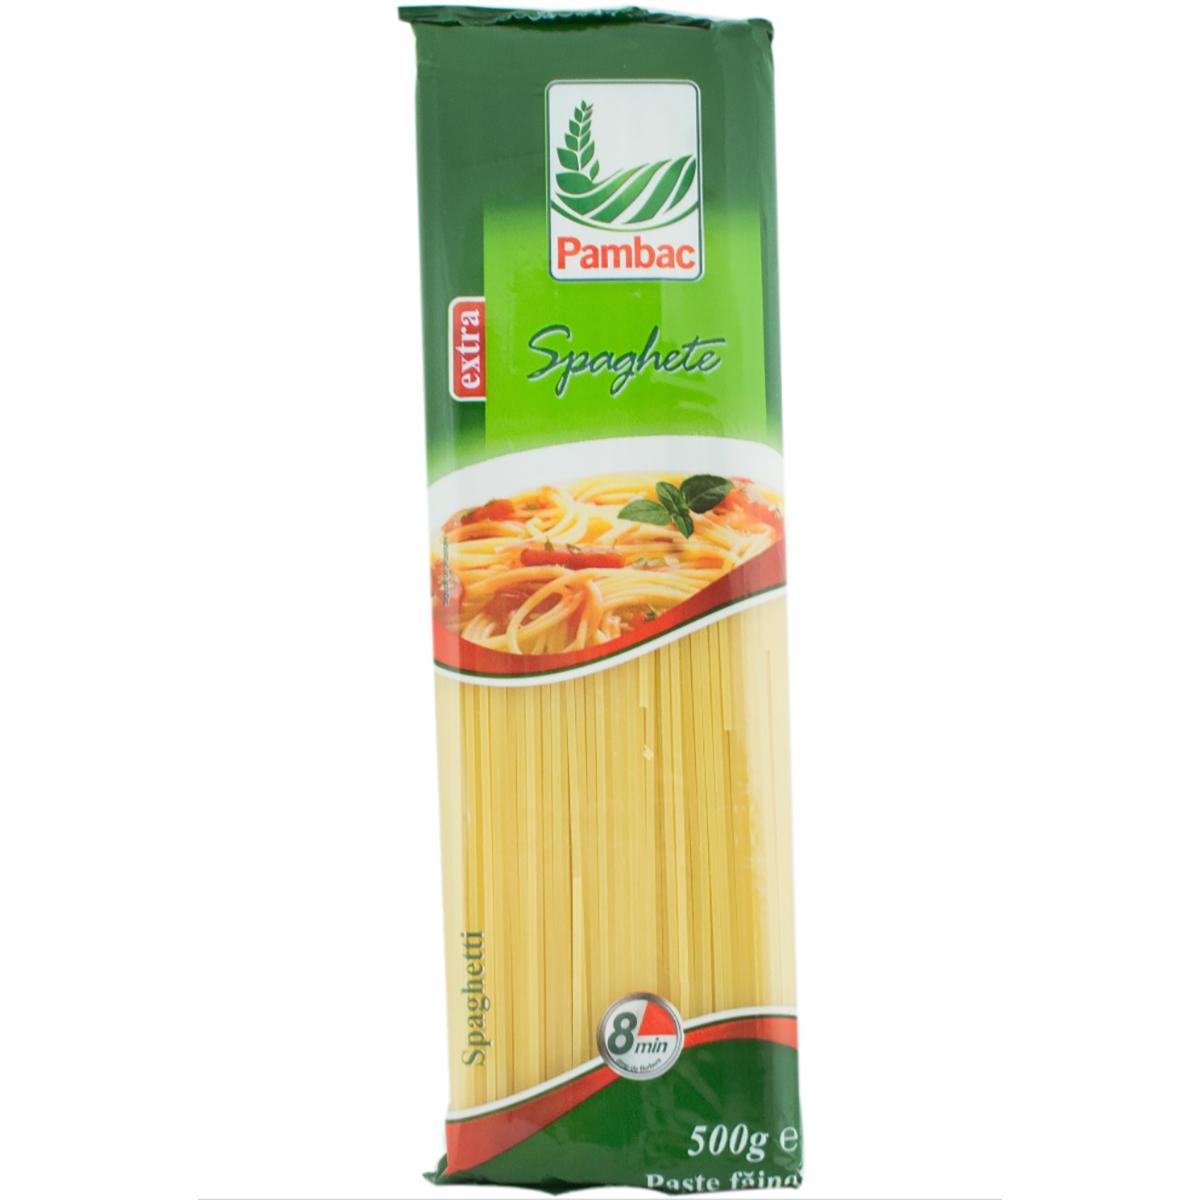 Spaghete Pambac, 500 g imagine